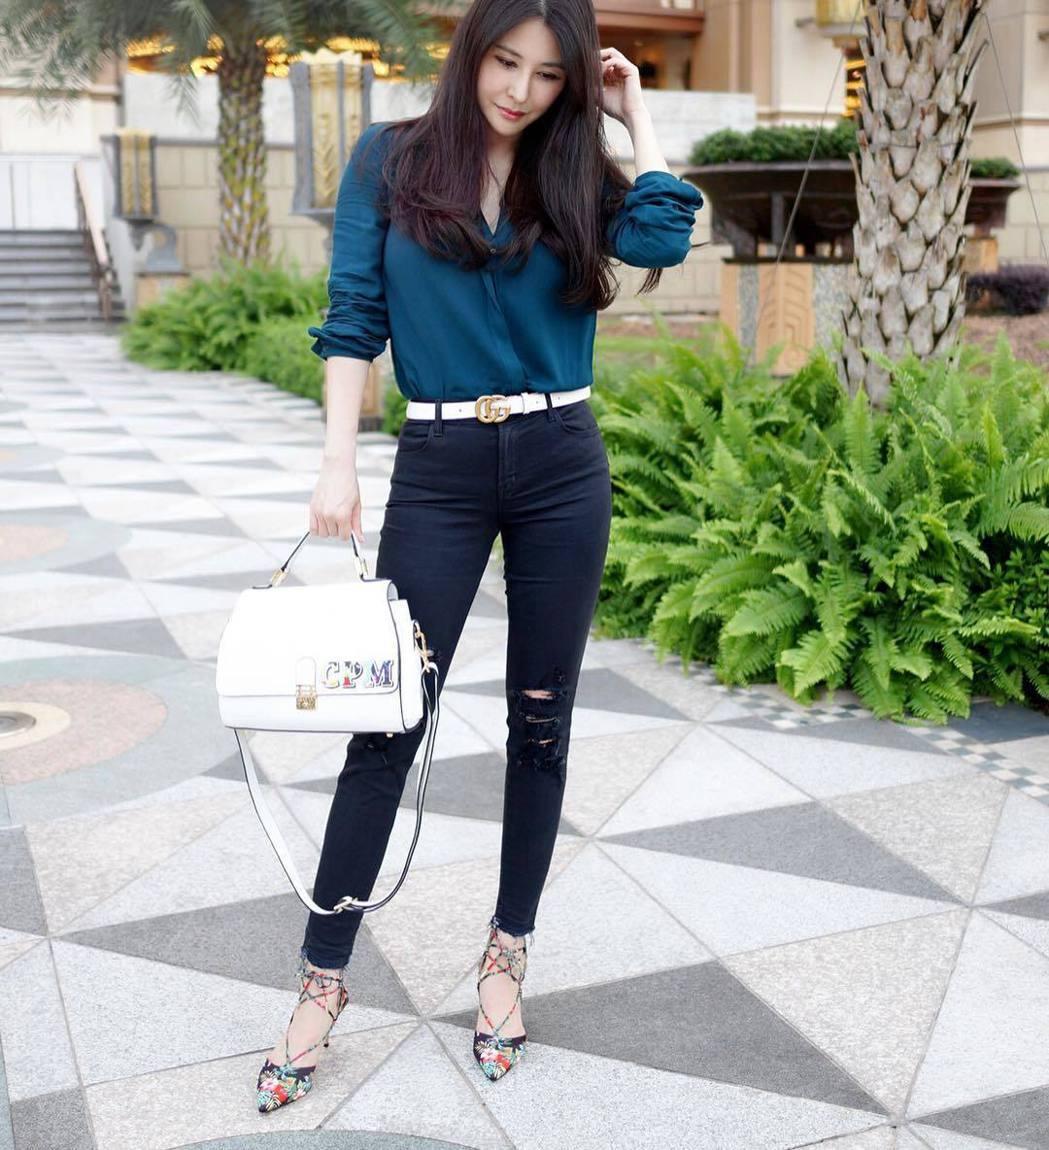 穆熙妍擁有火辣好身材。 圖/擷自IG。